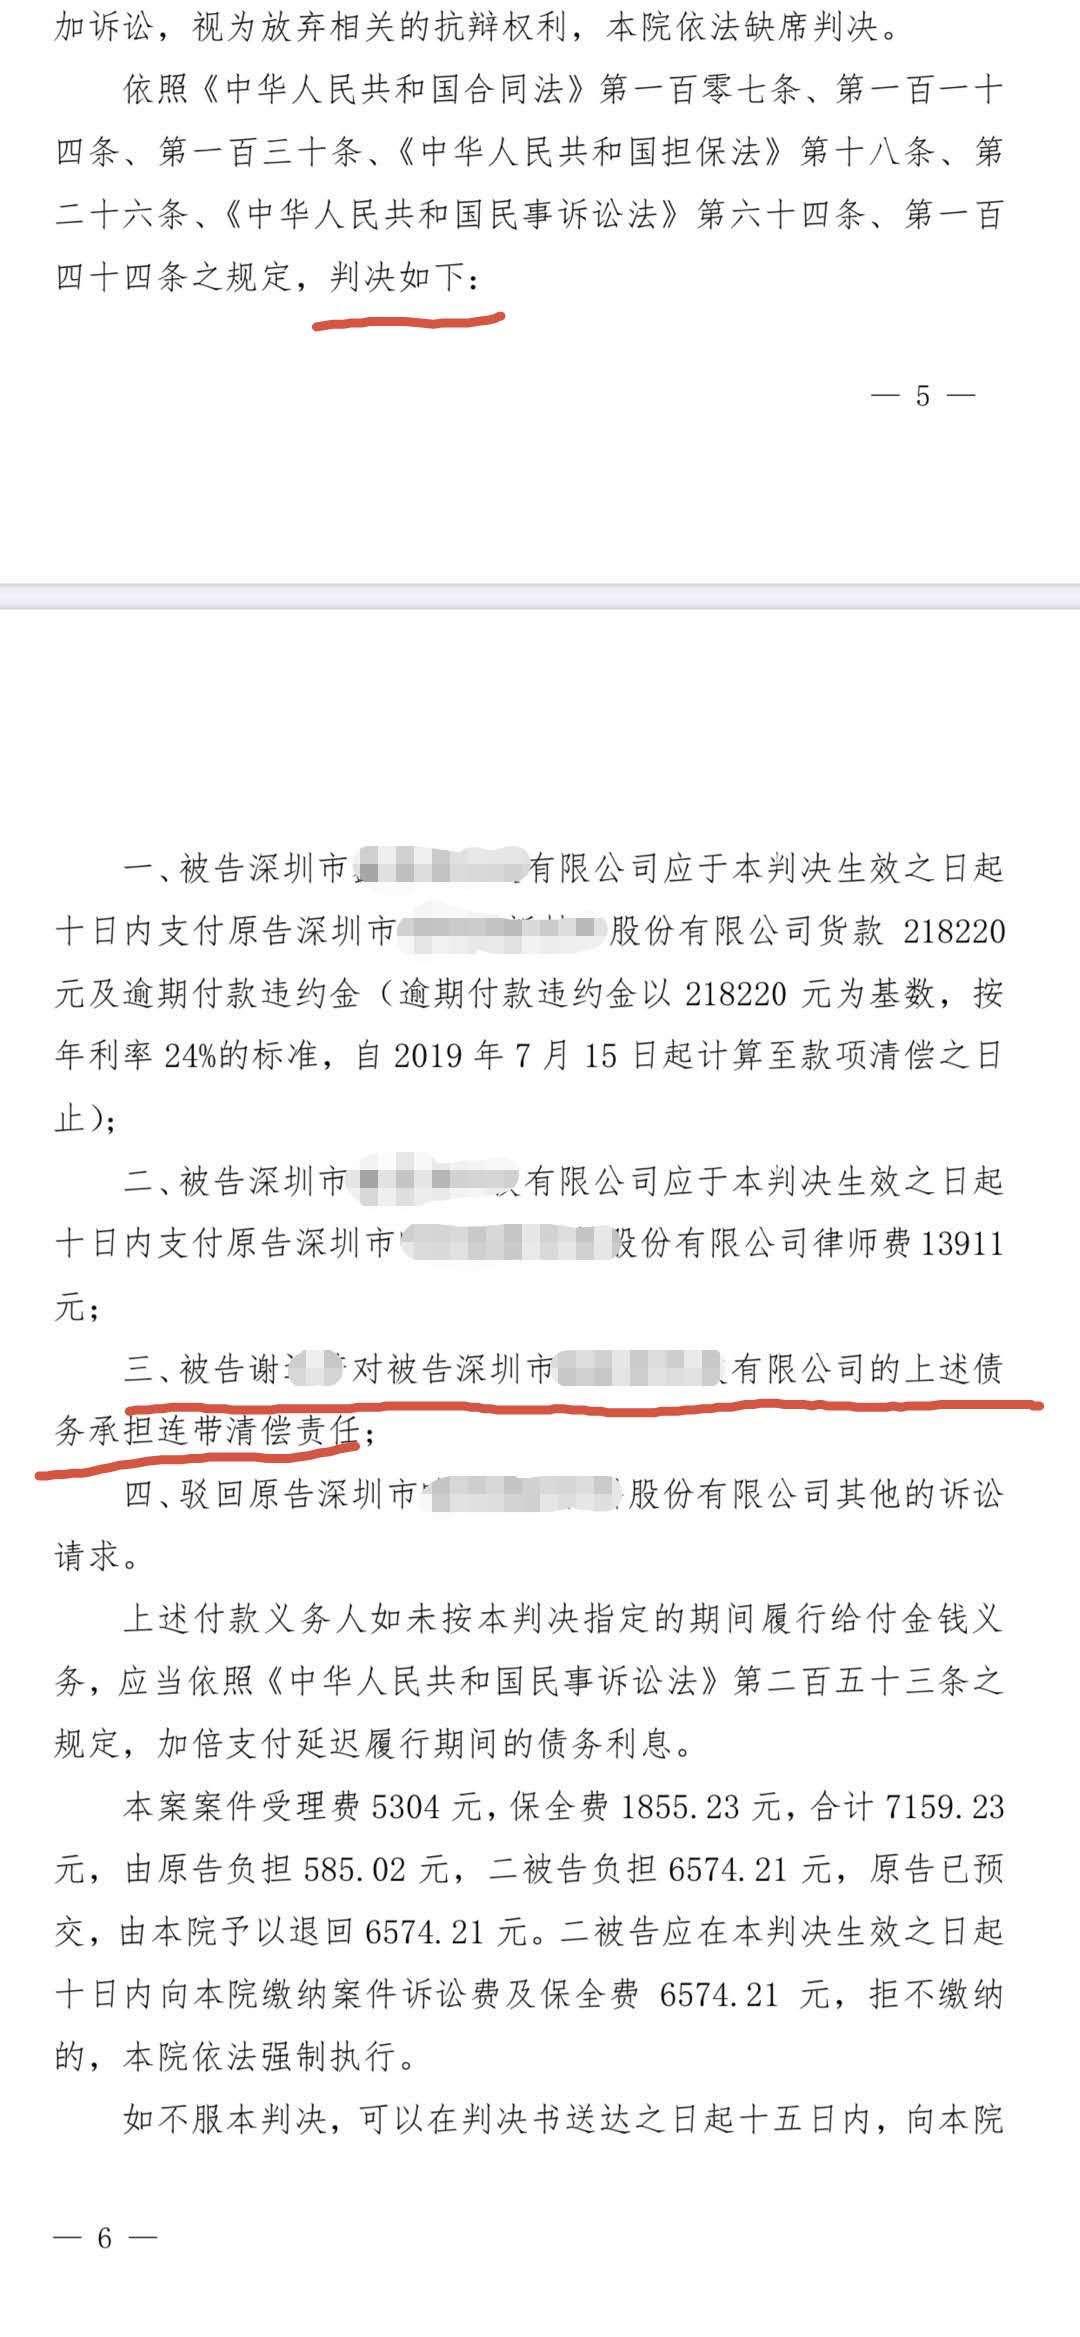 判決書 唯特偶-鑫藍源 2.jpg